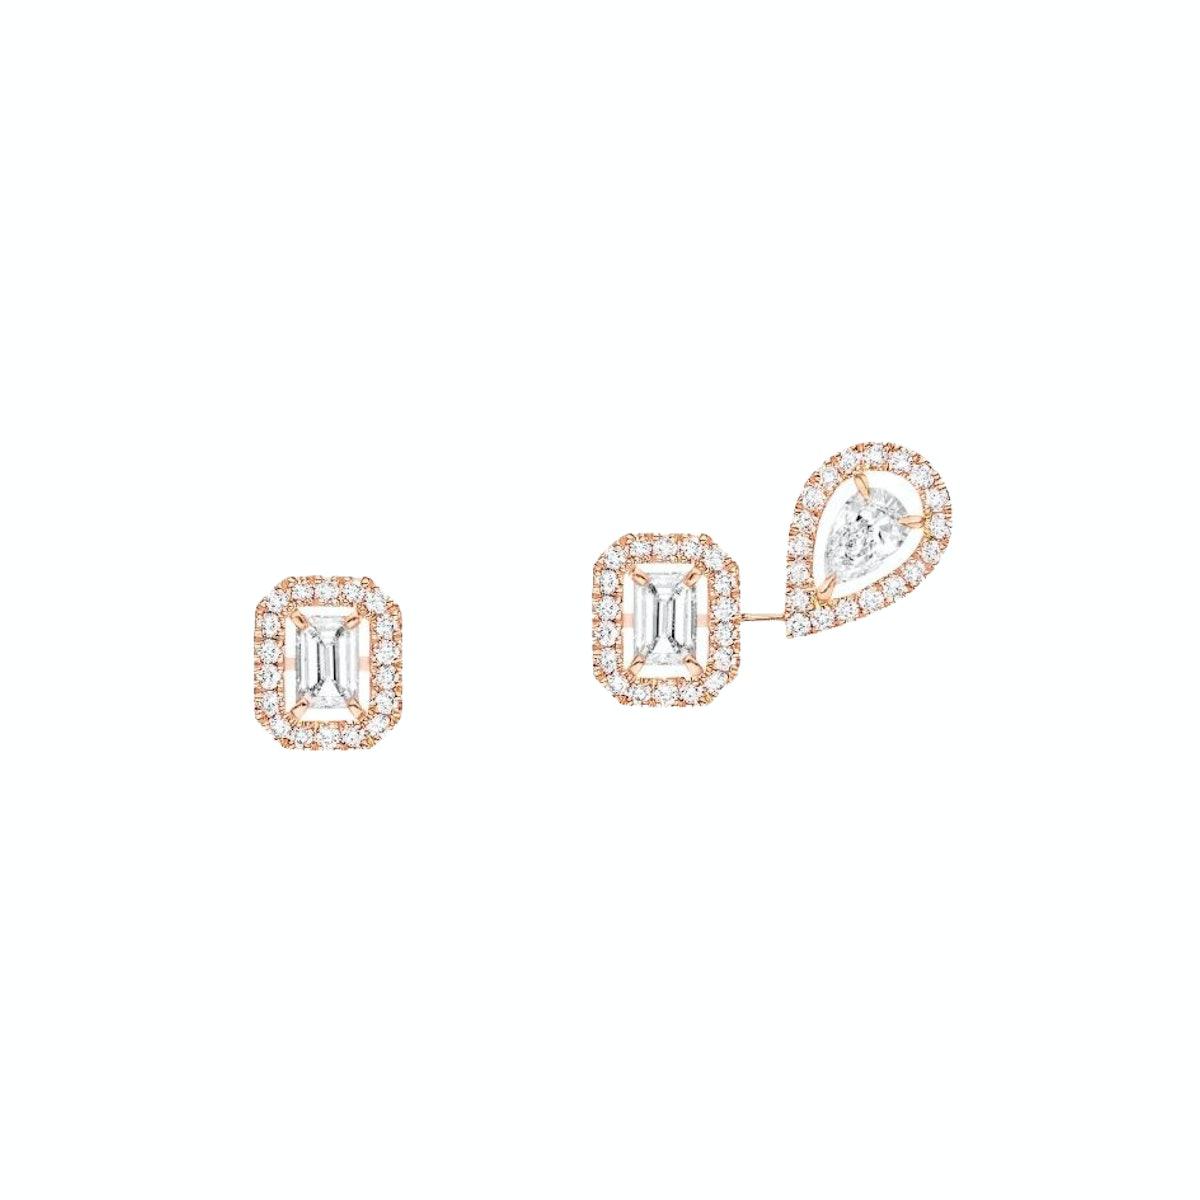 earrings_shopping_07.jpg